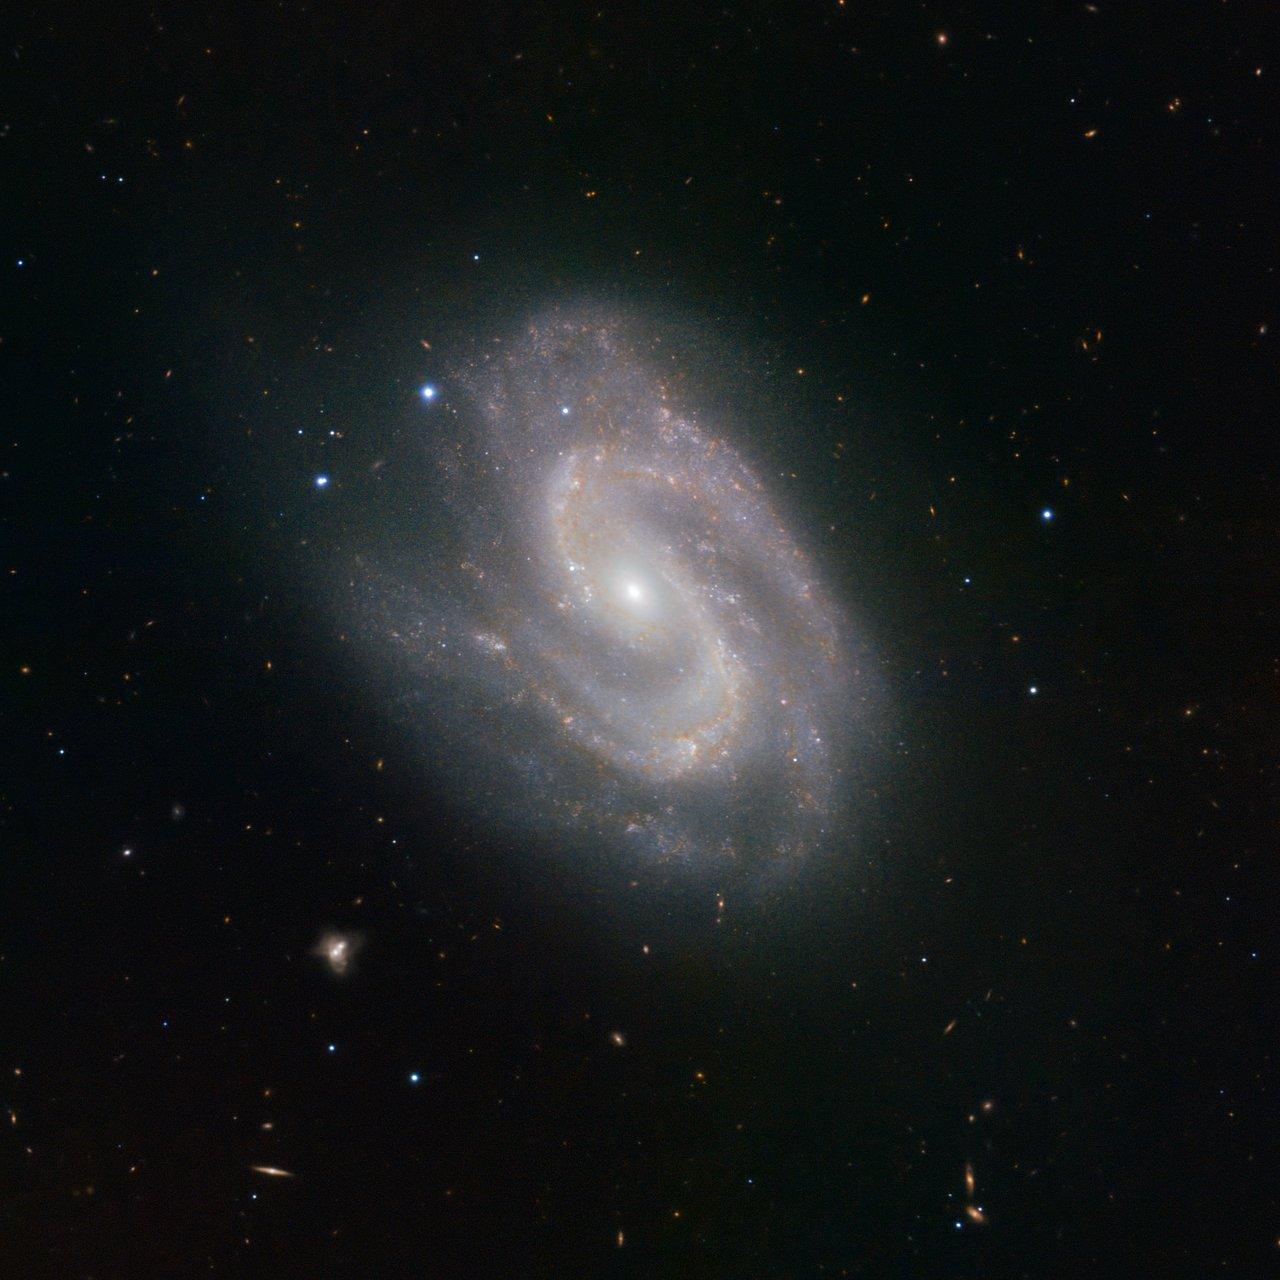 El Instrumento HAWK-I Ve una Súper Galaxia